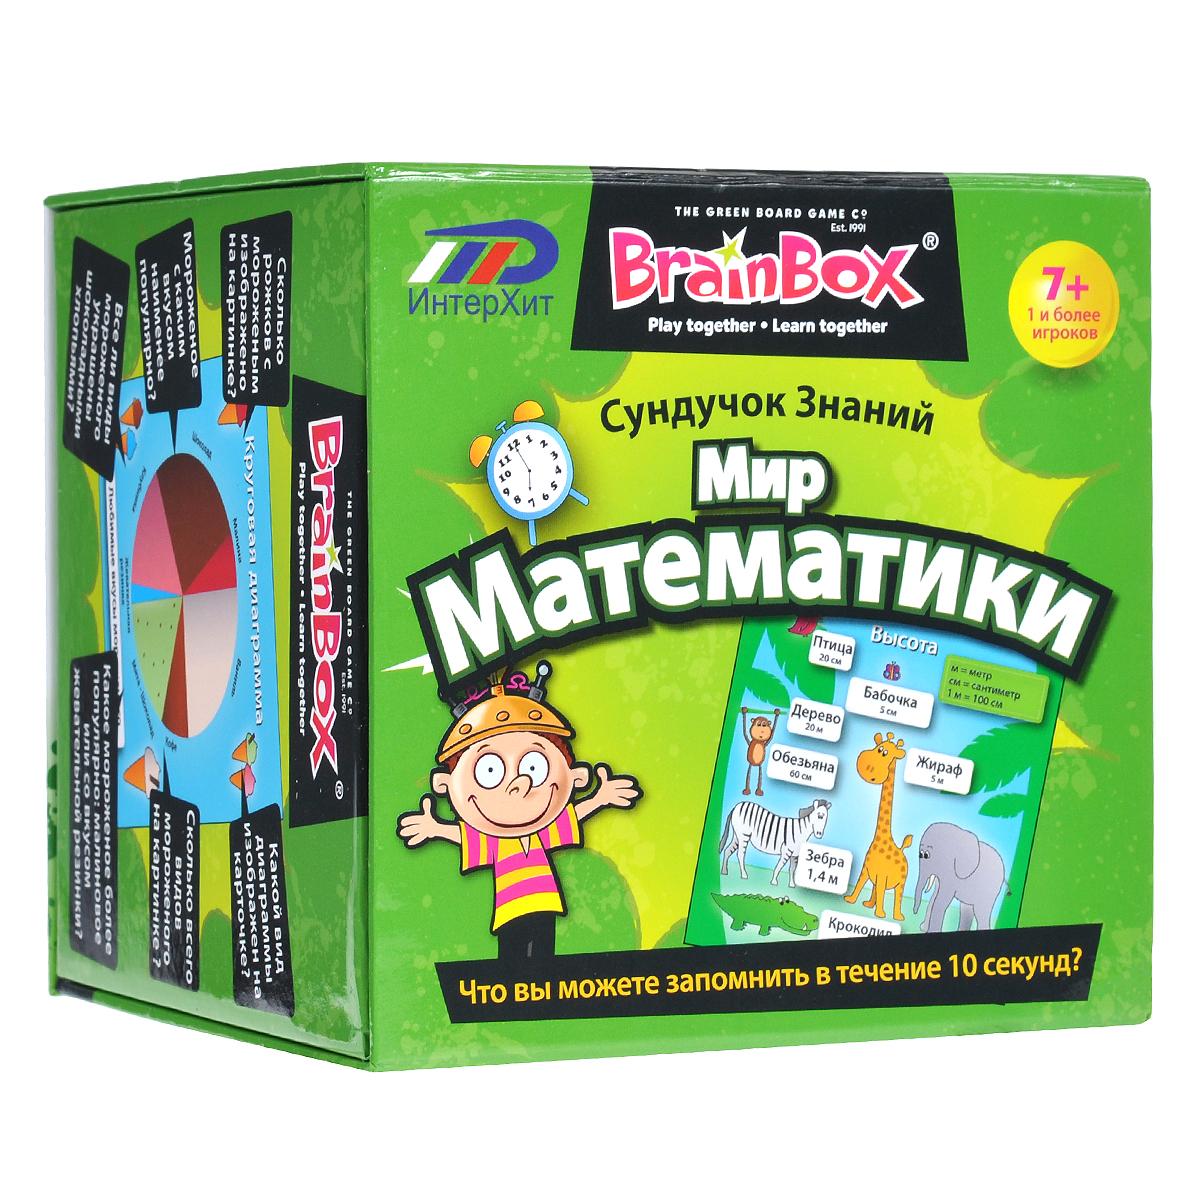 BrainBox Обучающая игра Мир математики настольная игра brainbox развивающая сундучок знаний мир математики 90718